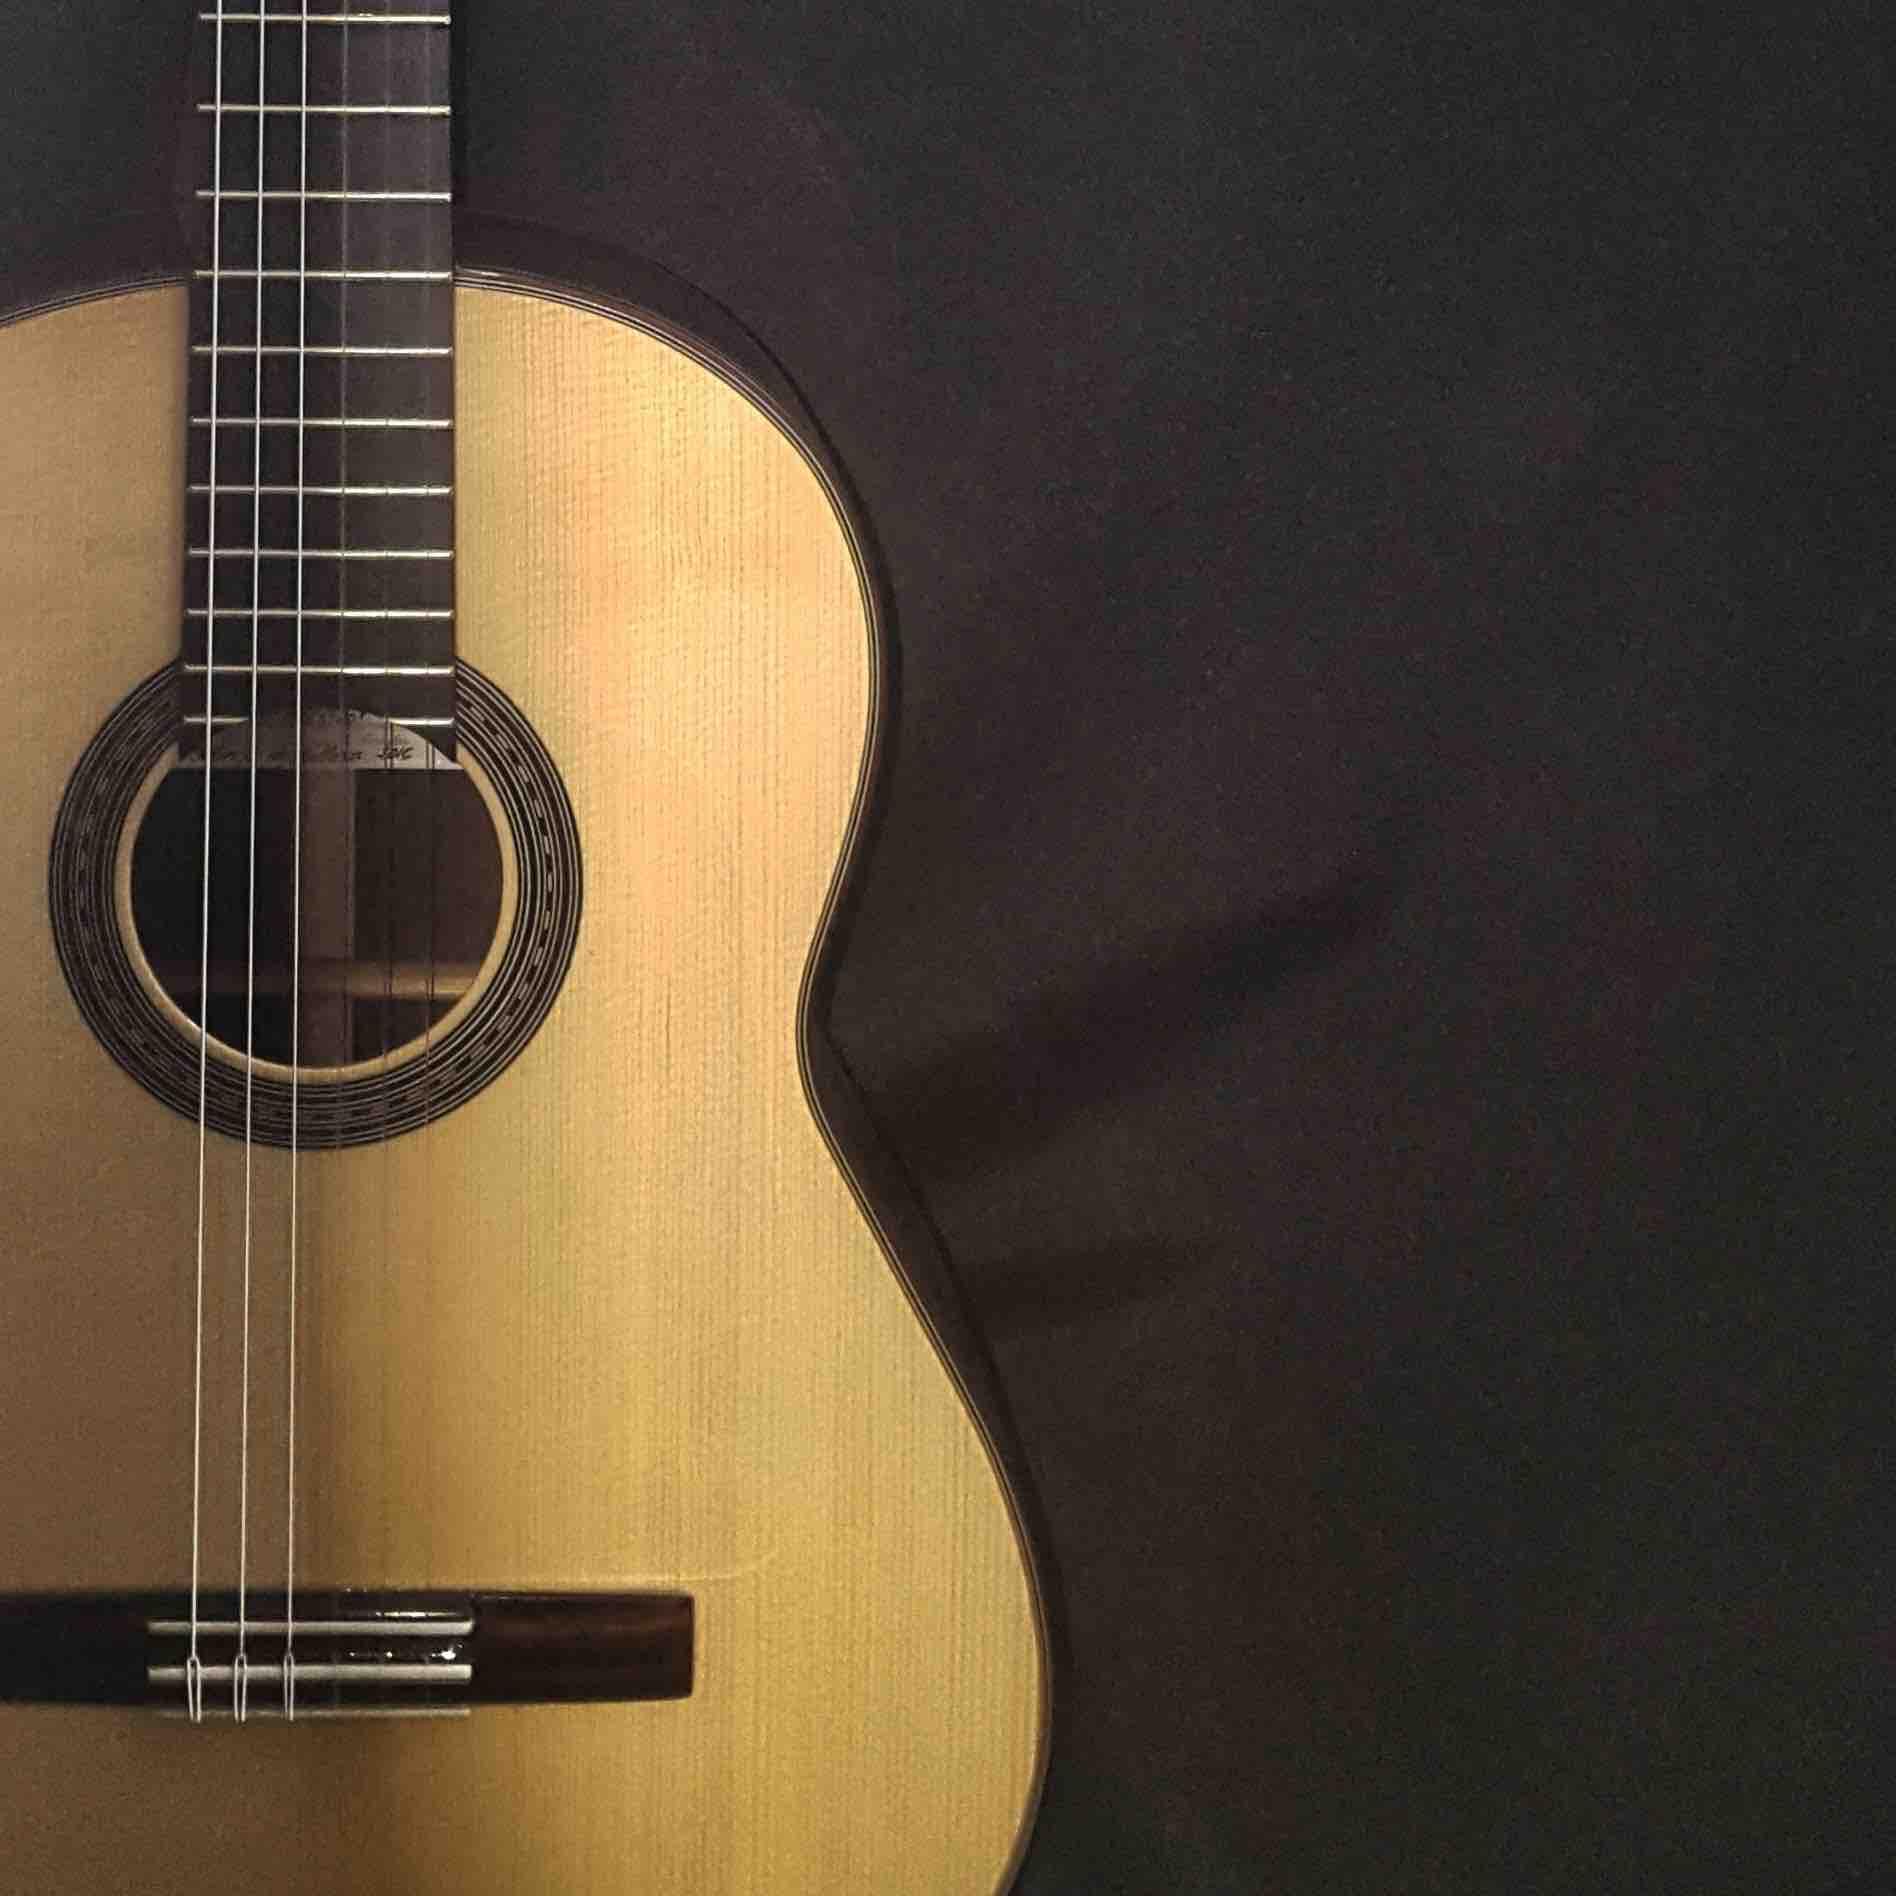 guitarra-flamenca-de-concierto